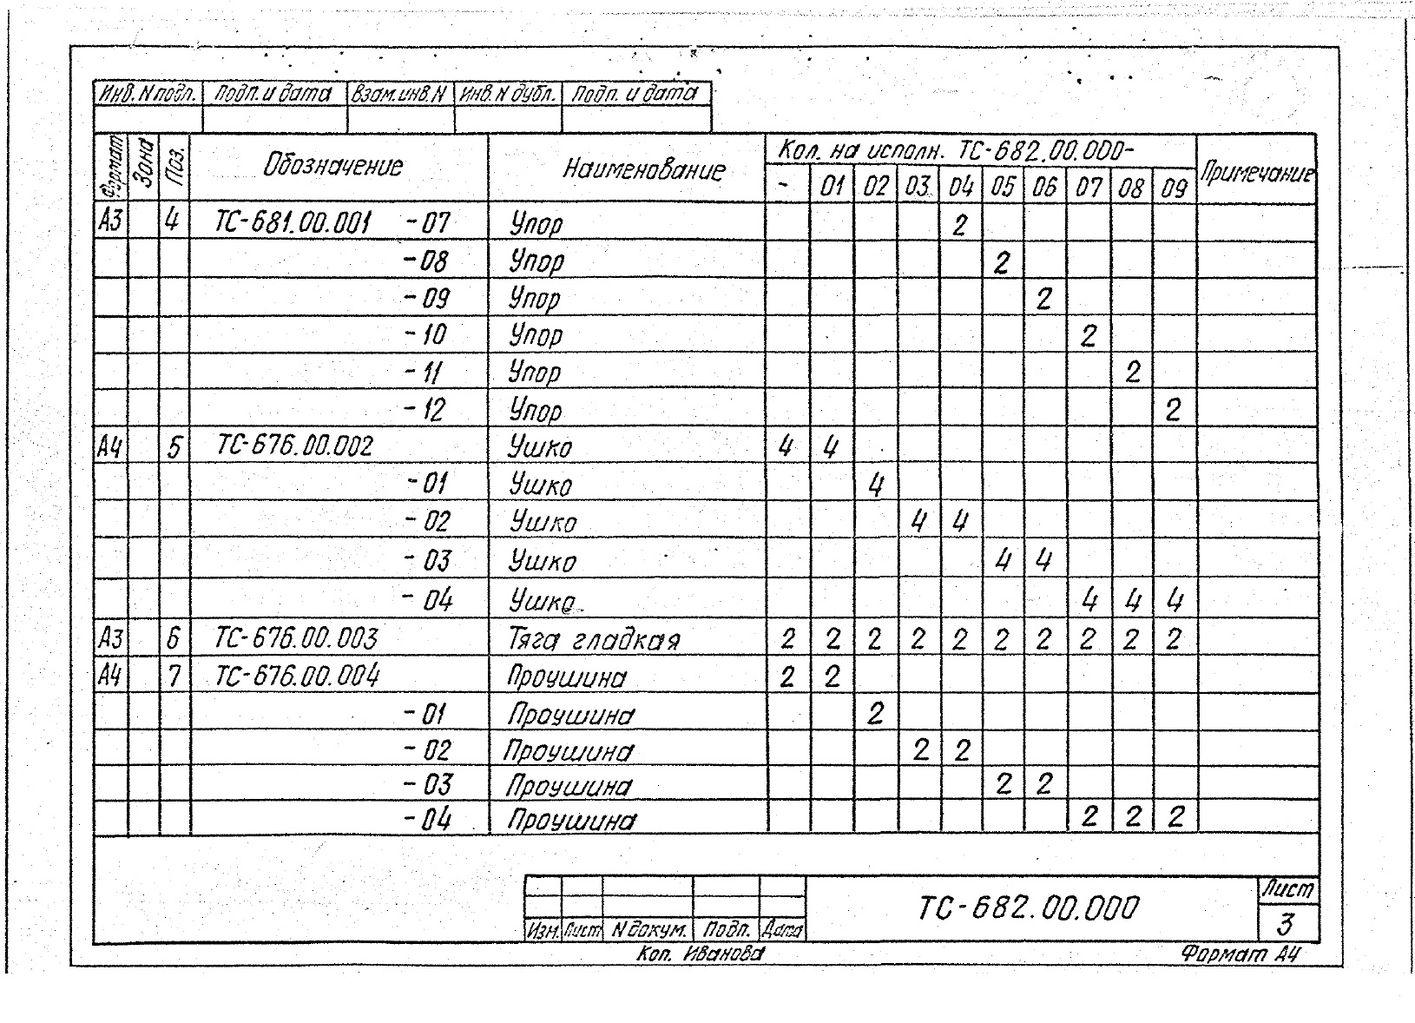 Подвески жесткие для вертикальных трубопроводов Дн 57-630 мм ТС-682.00.000 СБ серия 5.903-13 выпуск 6-95 стр.5